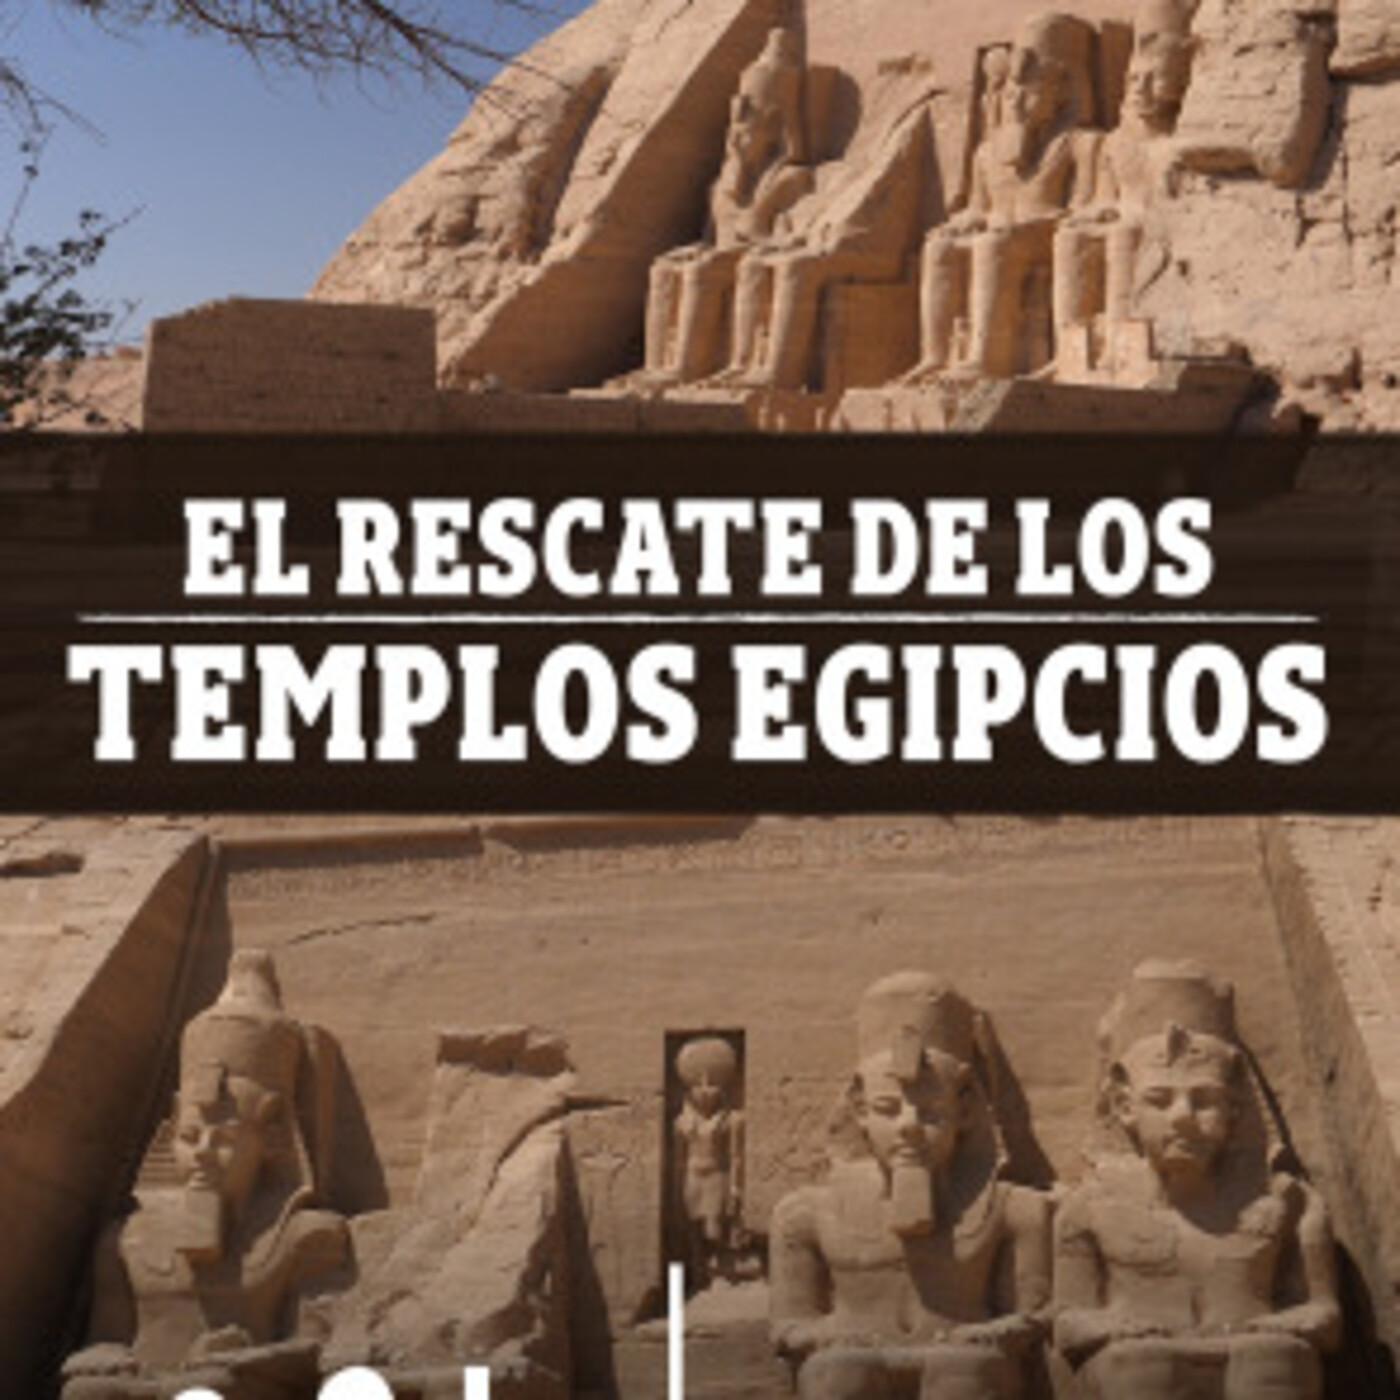 El rescate de los templos egipcios